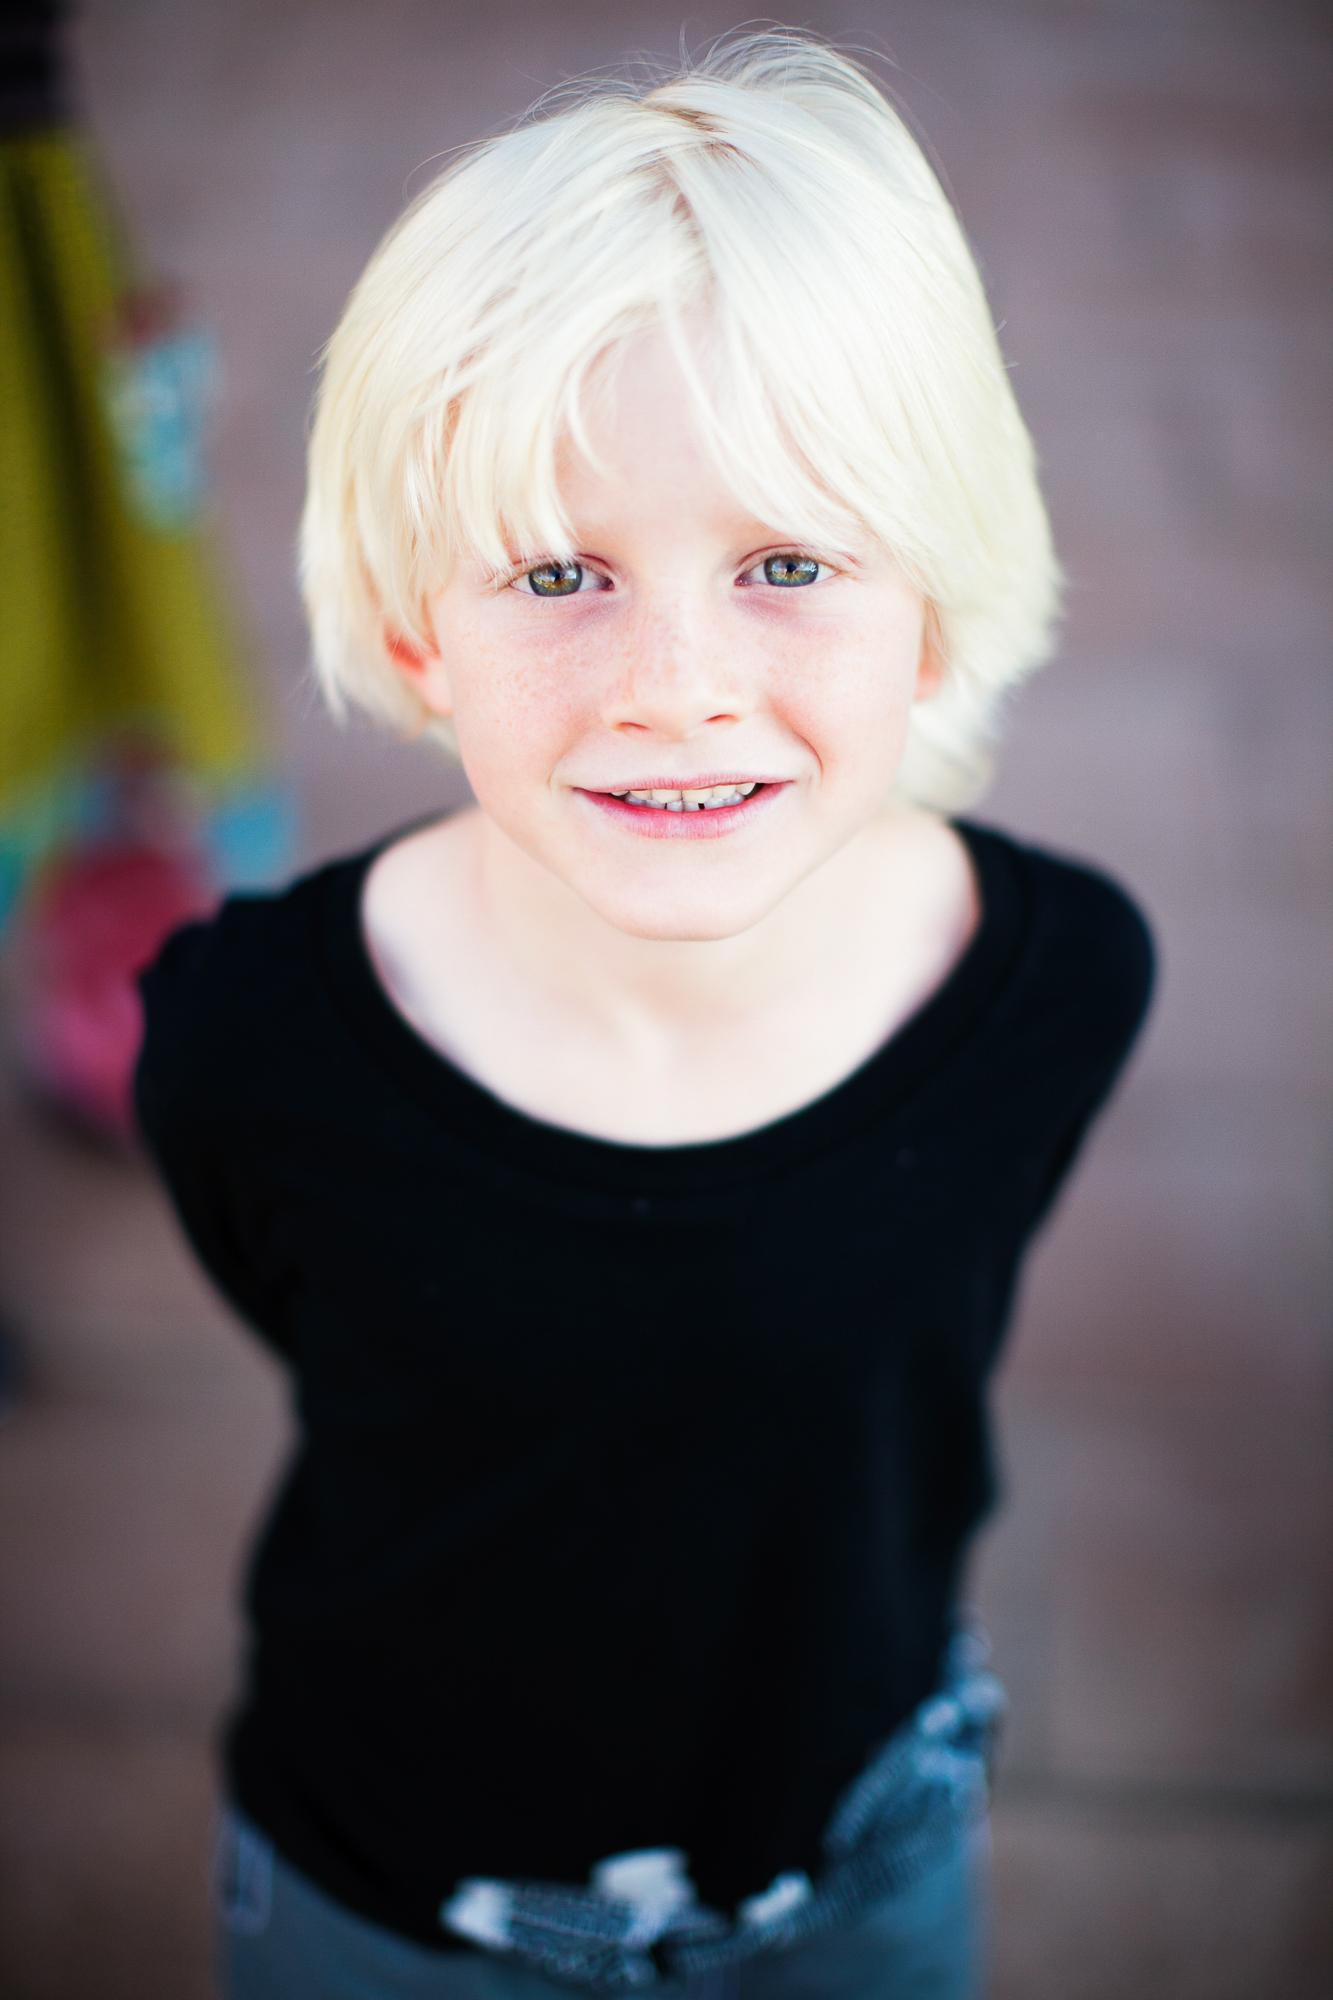 Cat Mayer Studio |  http://www.catmayerstudio.com  | Grand Junction Photographer | Portrait of boy